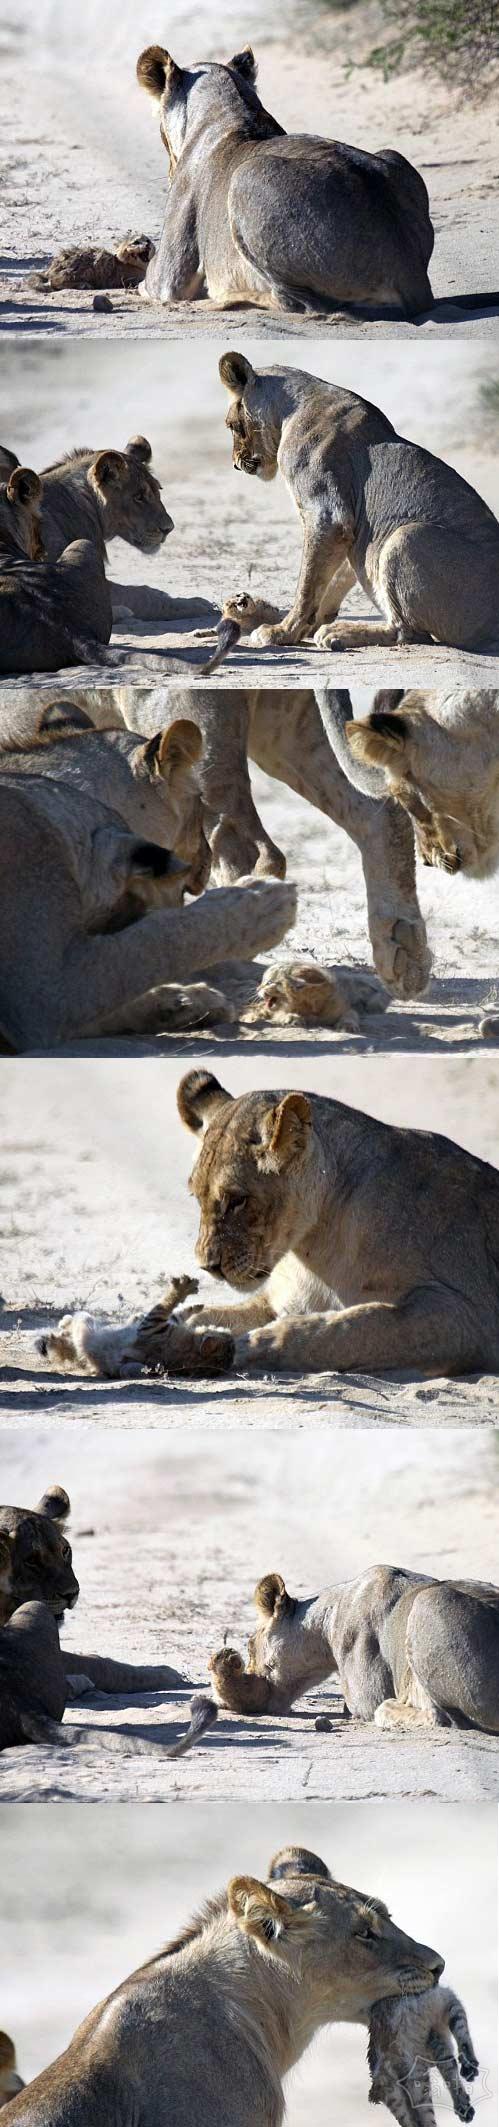 最勇敢的小猫咪:野猫微小划痕和嘘声母狮的骄傲围绕着它……但它并没有在结尾如同他们